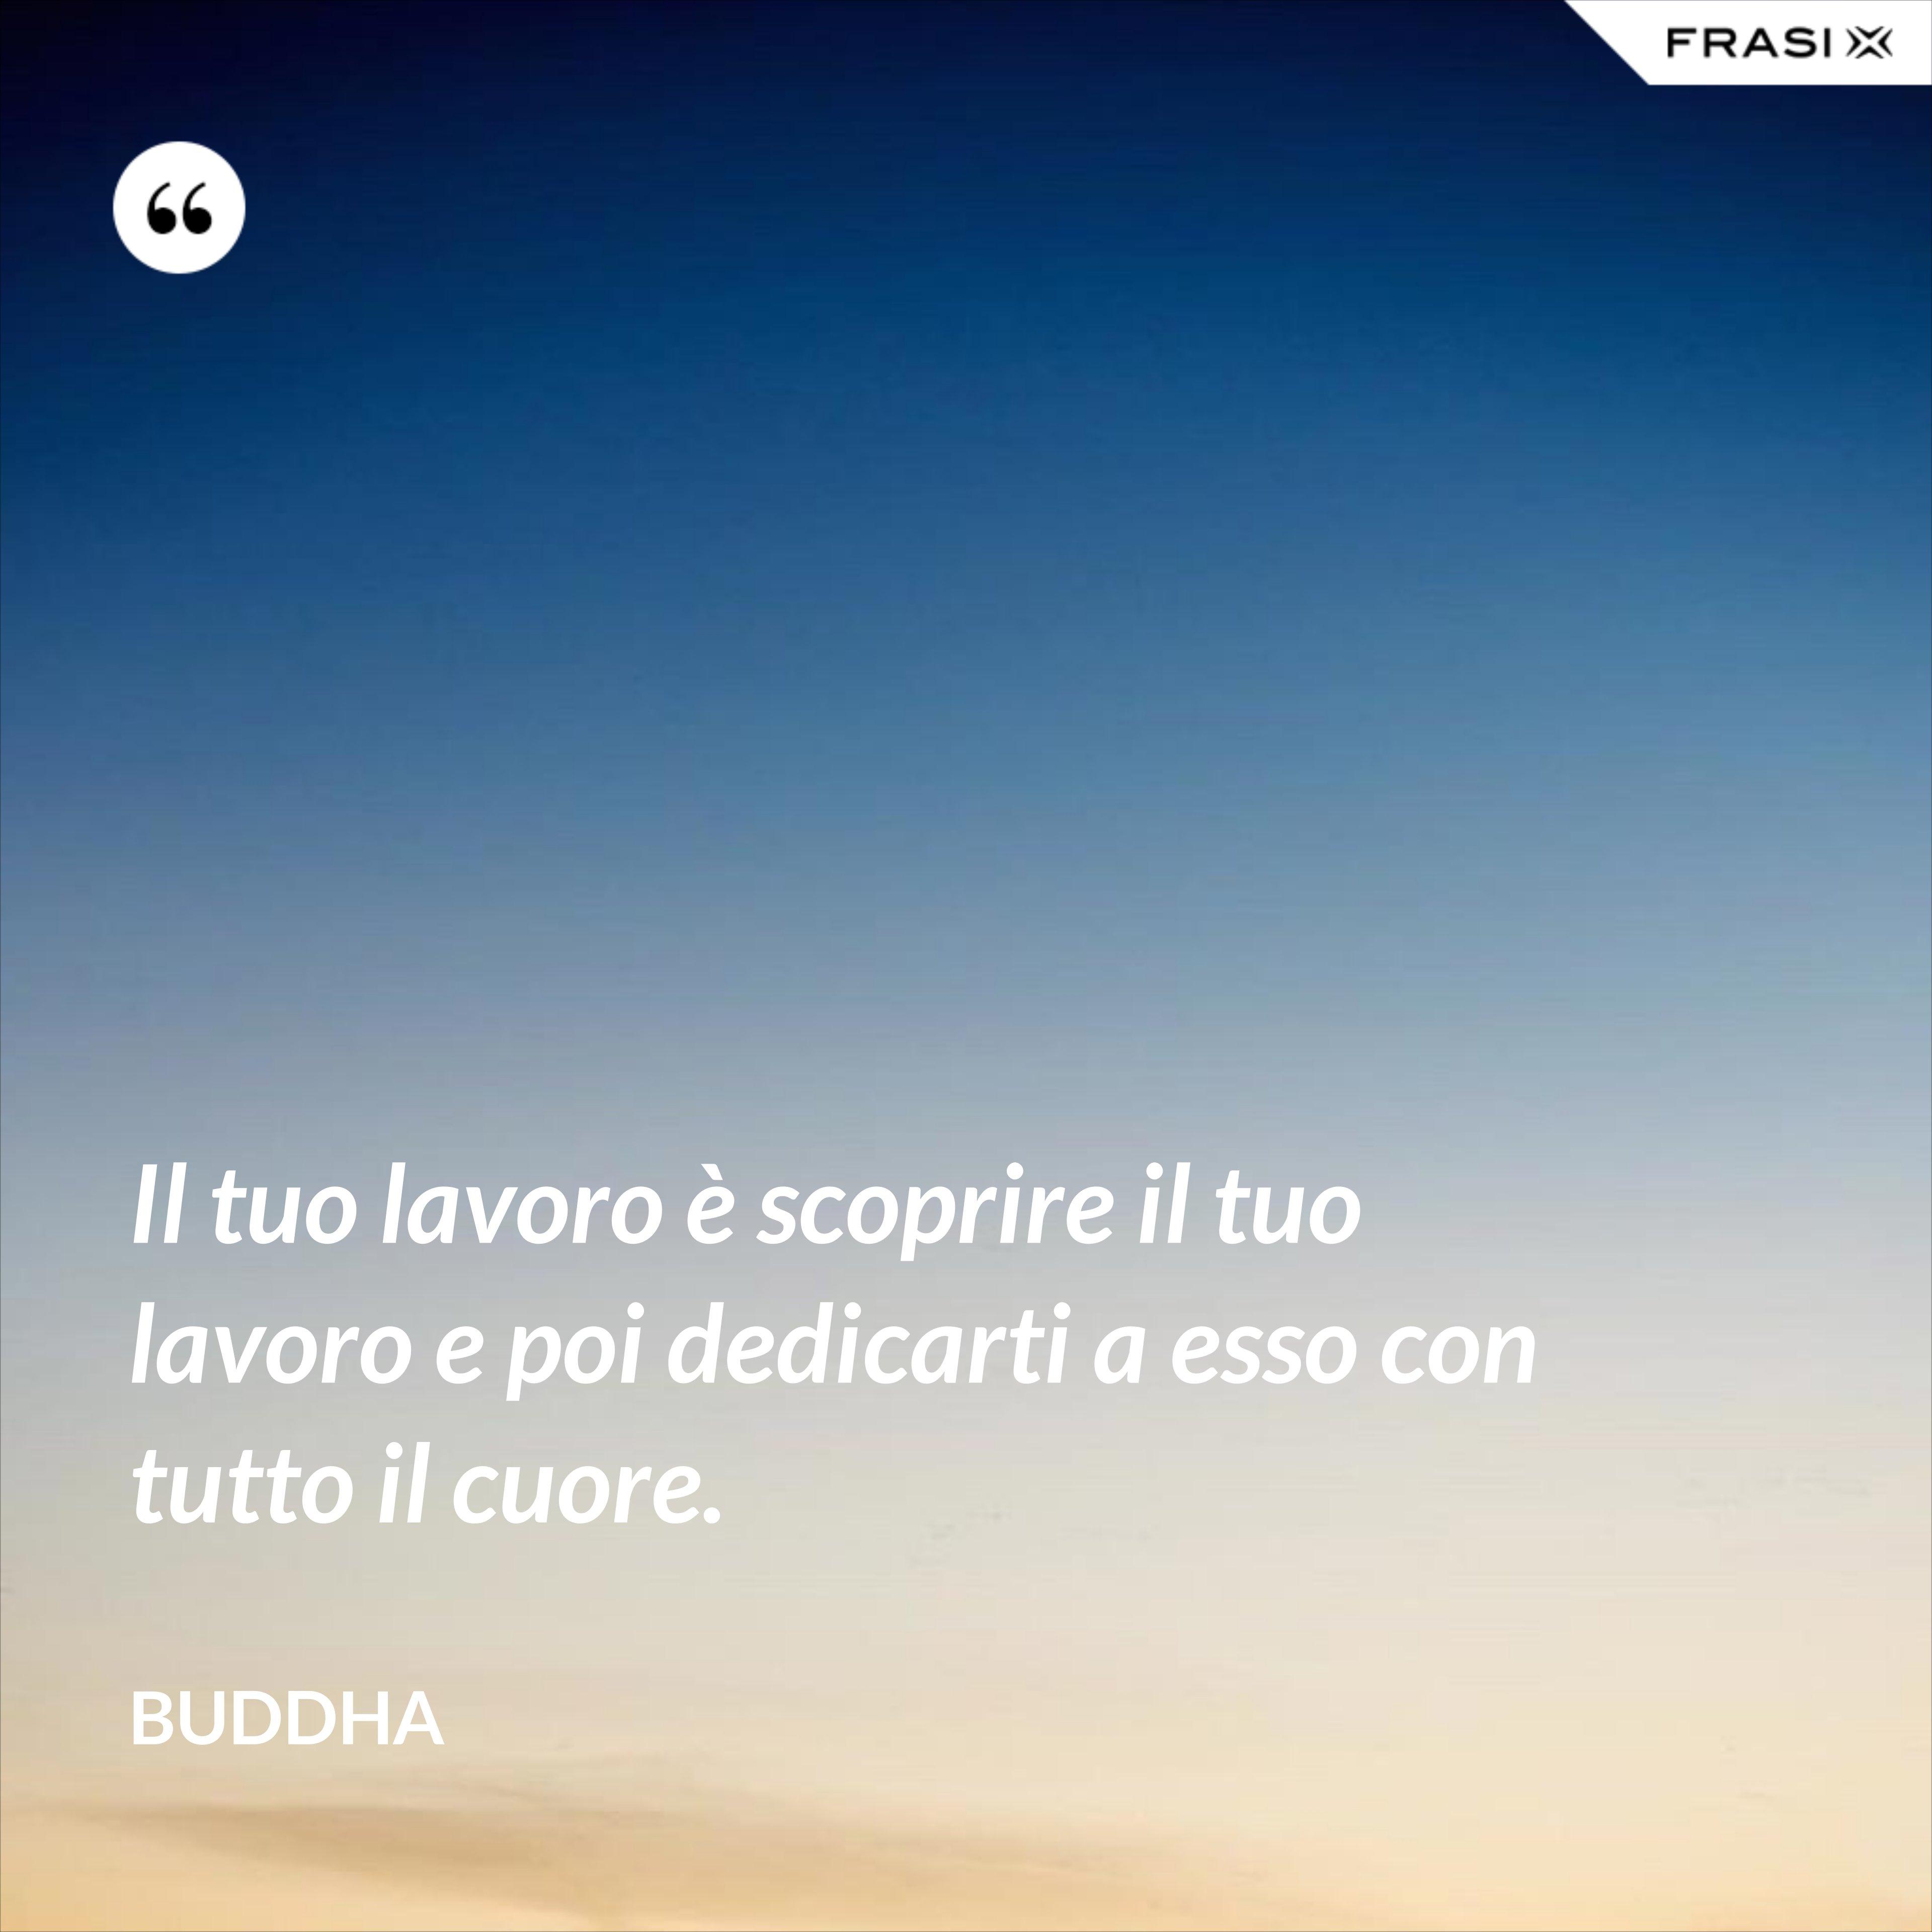 Il tuo lavoro è scoprire il tuo lavoro e poi dedicarti a esso con tutto il cuore. - Buddha